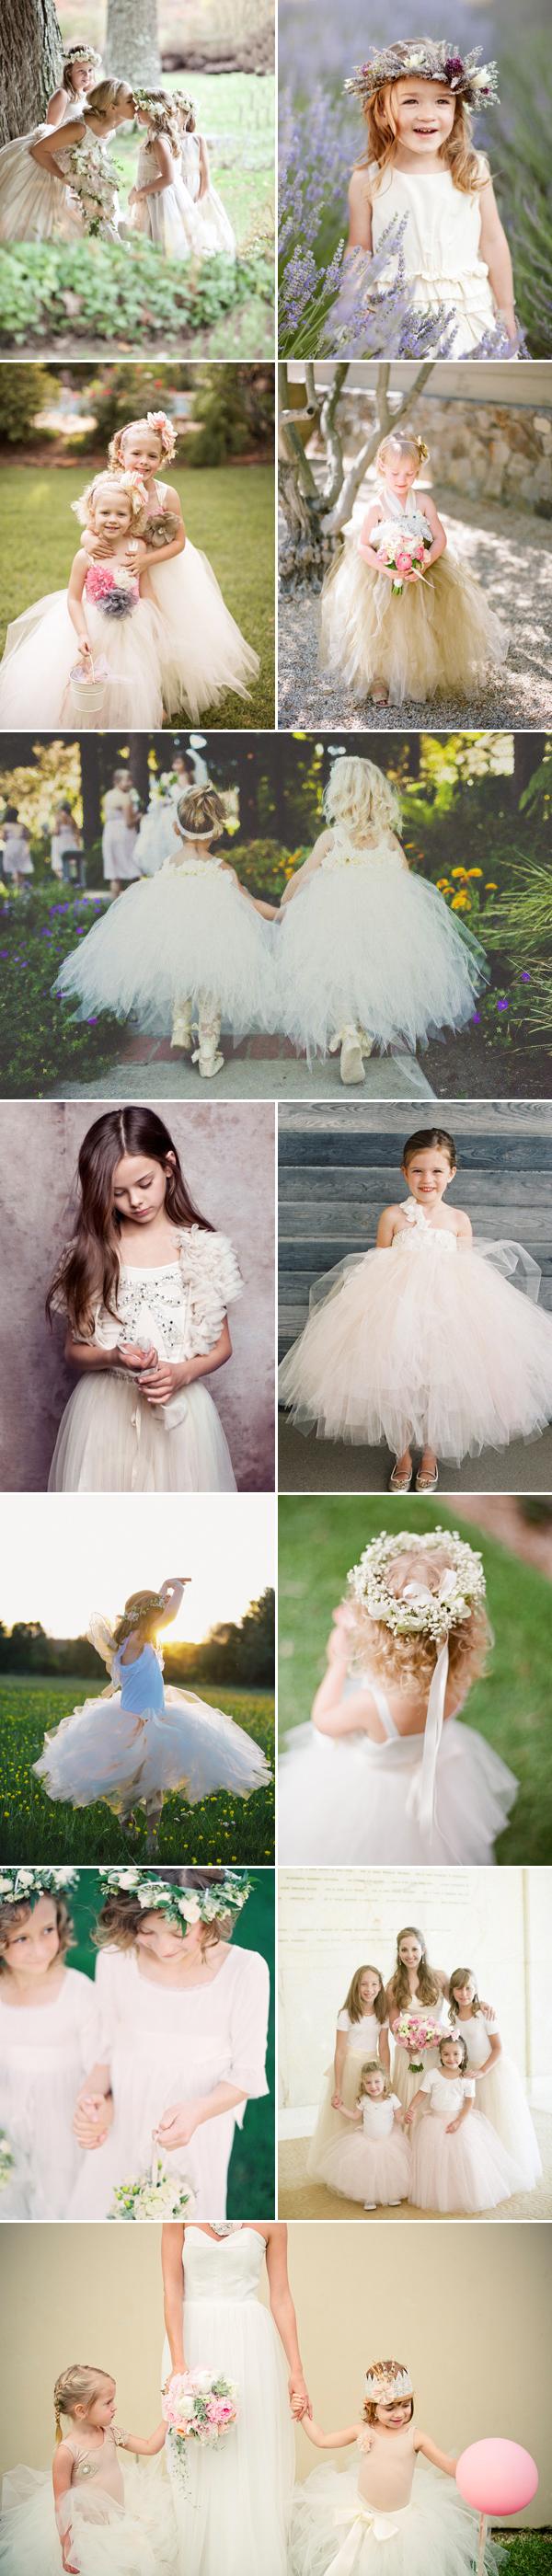 flower-girl01-6765-1416564947.jpg